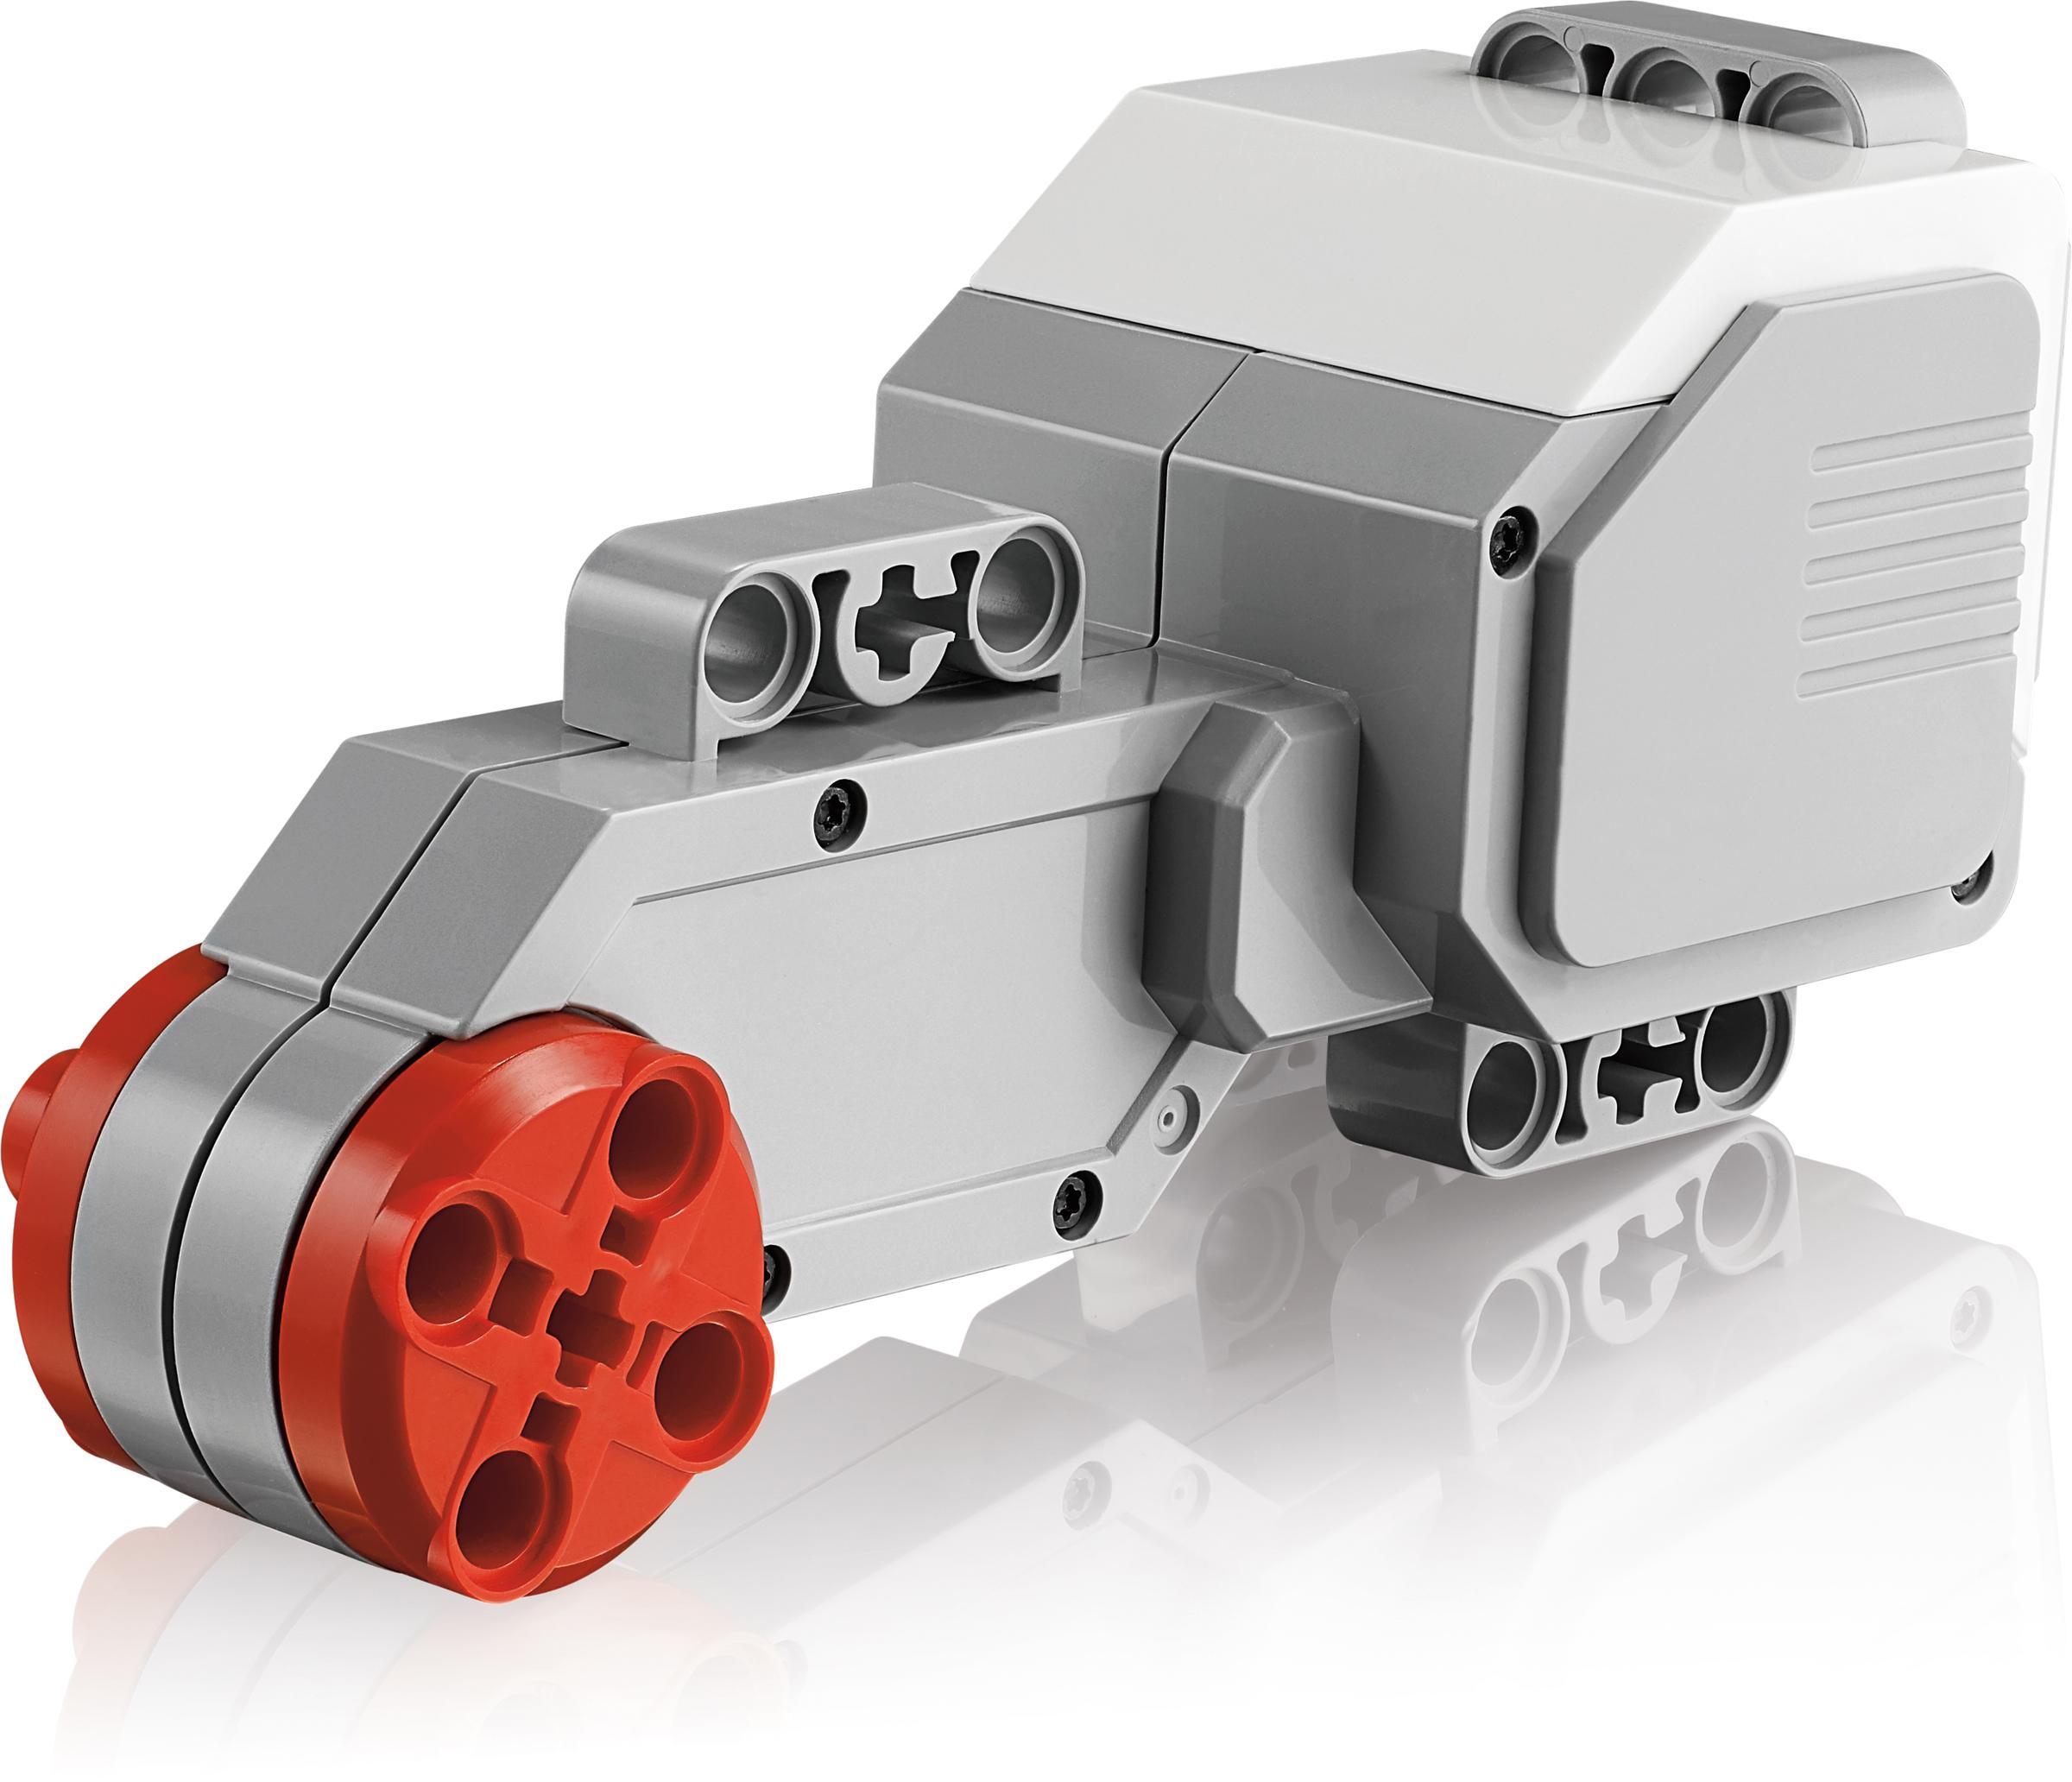 Lego Mindstorms EV3: Neue Roboterplattform von Lego -